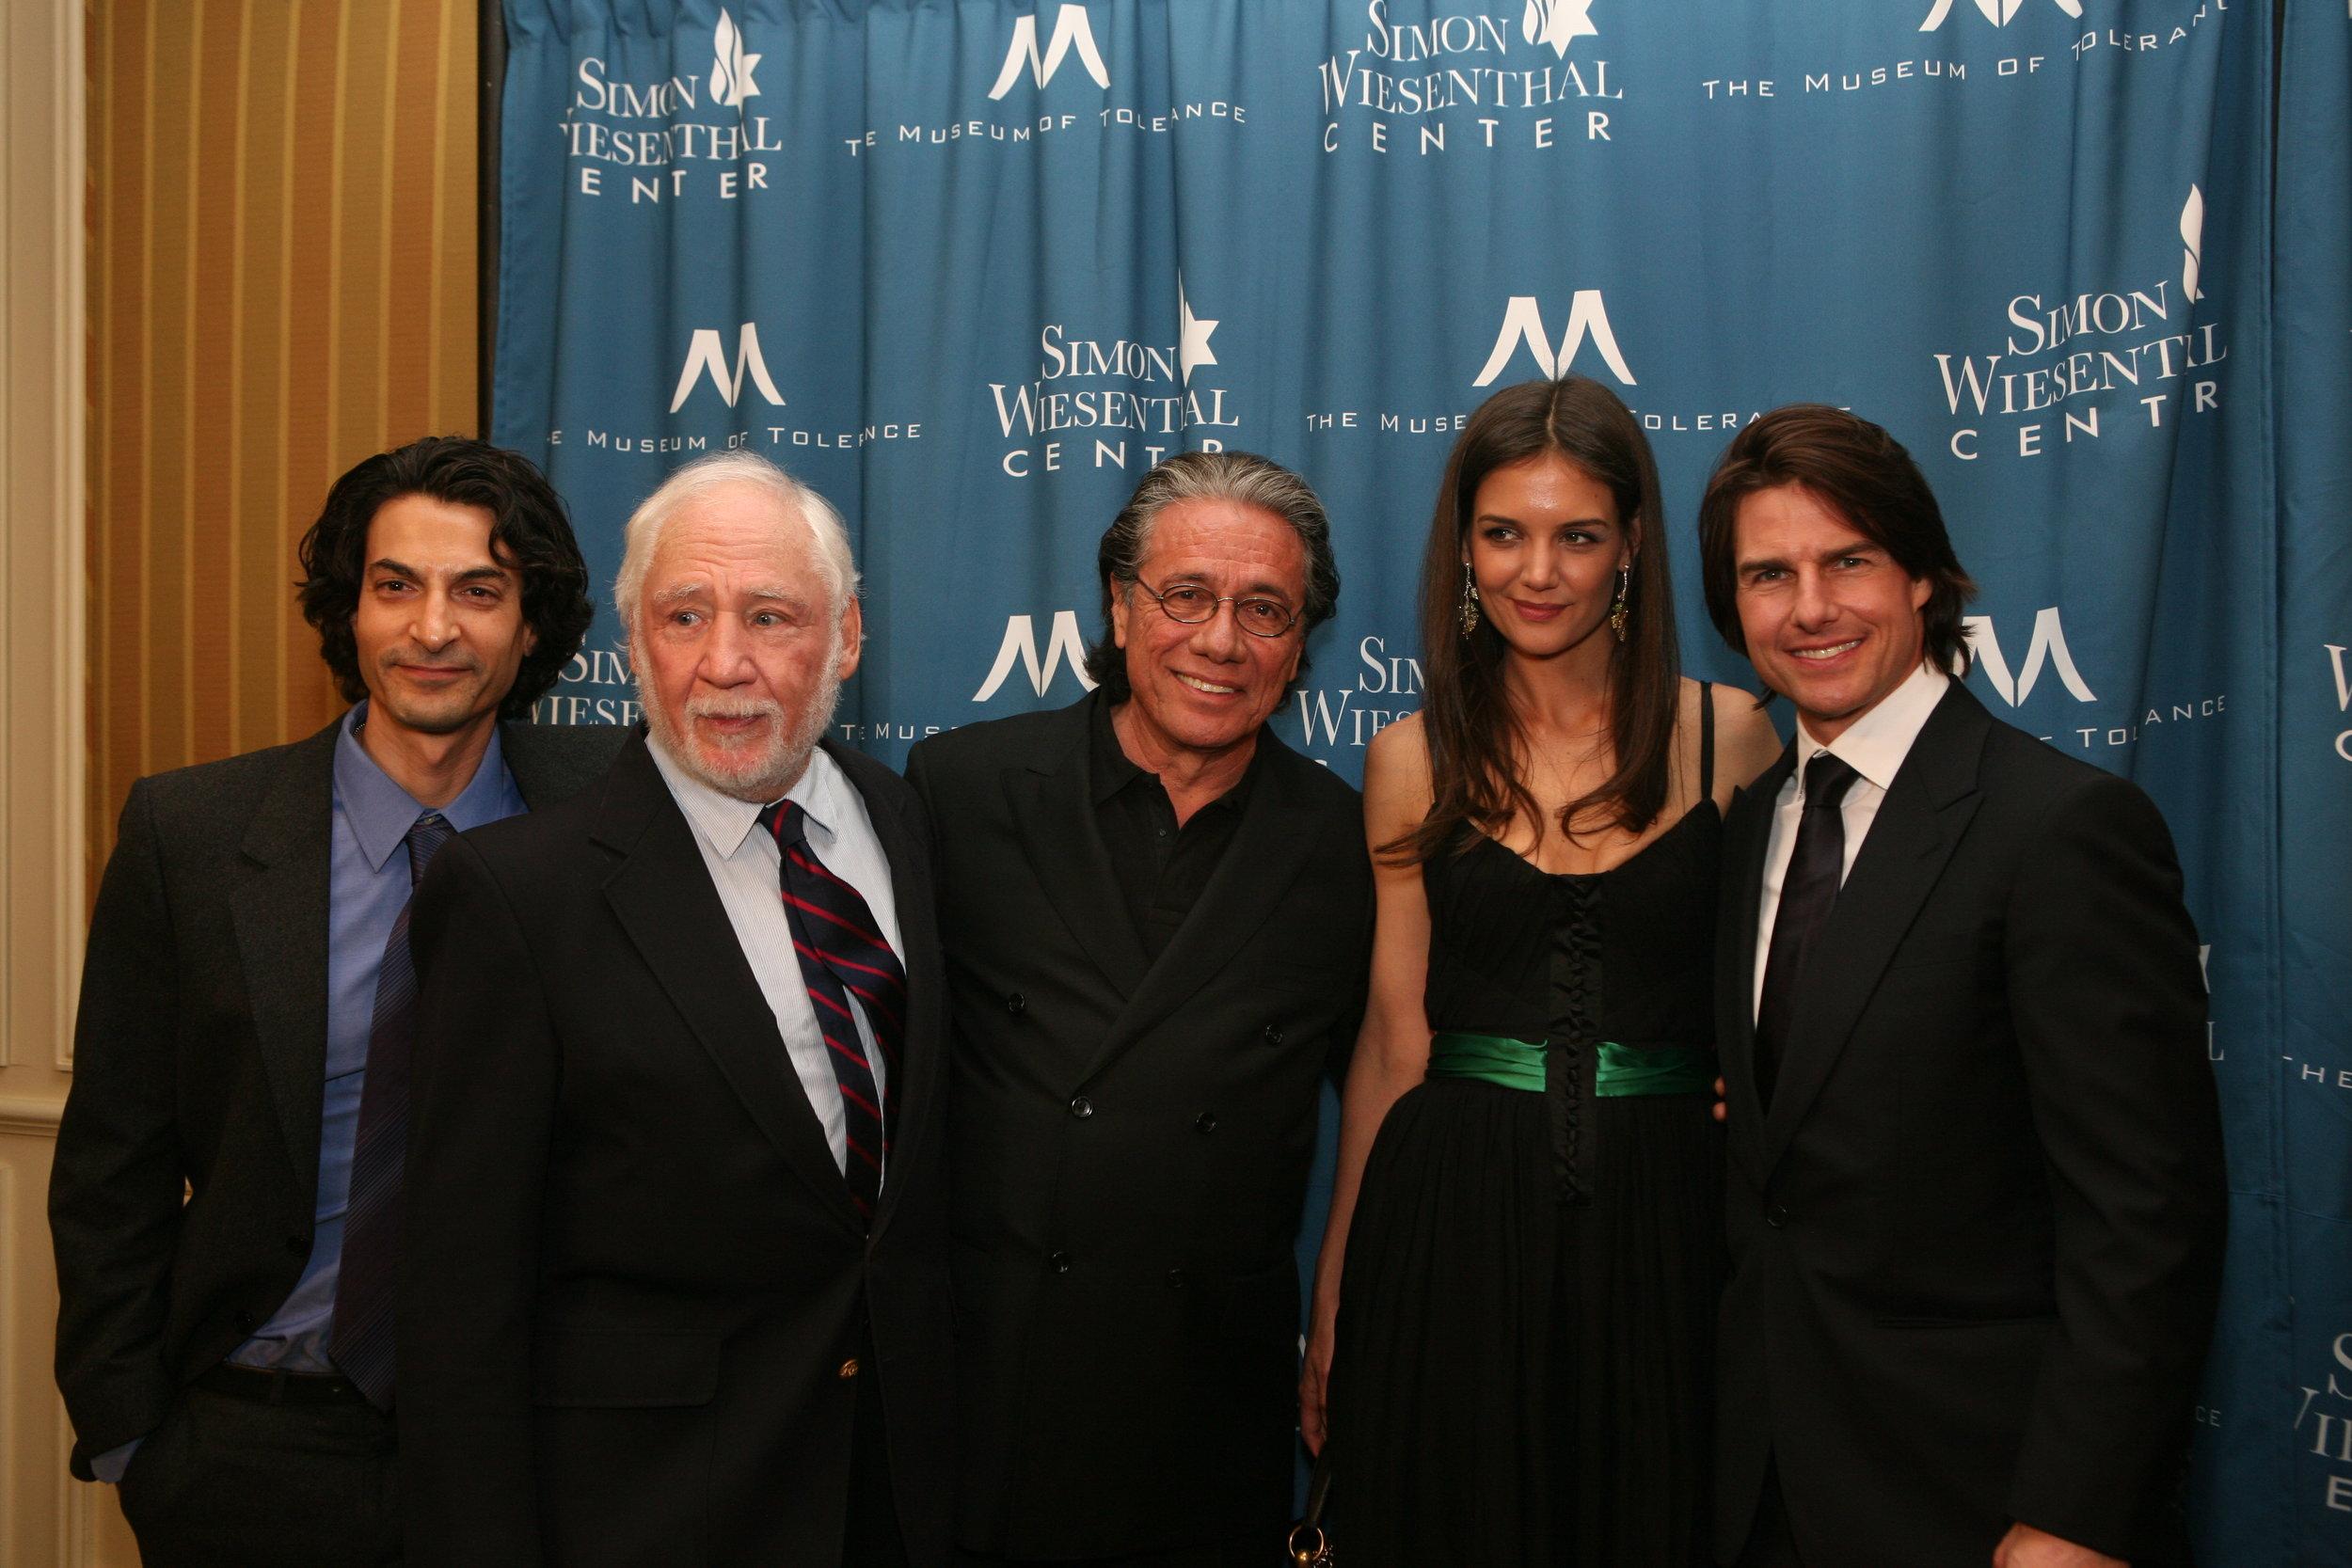 Simon Wiesenthal Center's Medal of Valor Awards.